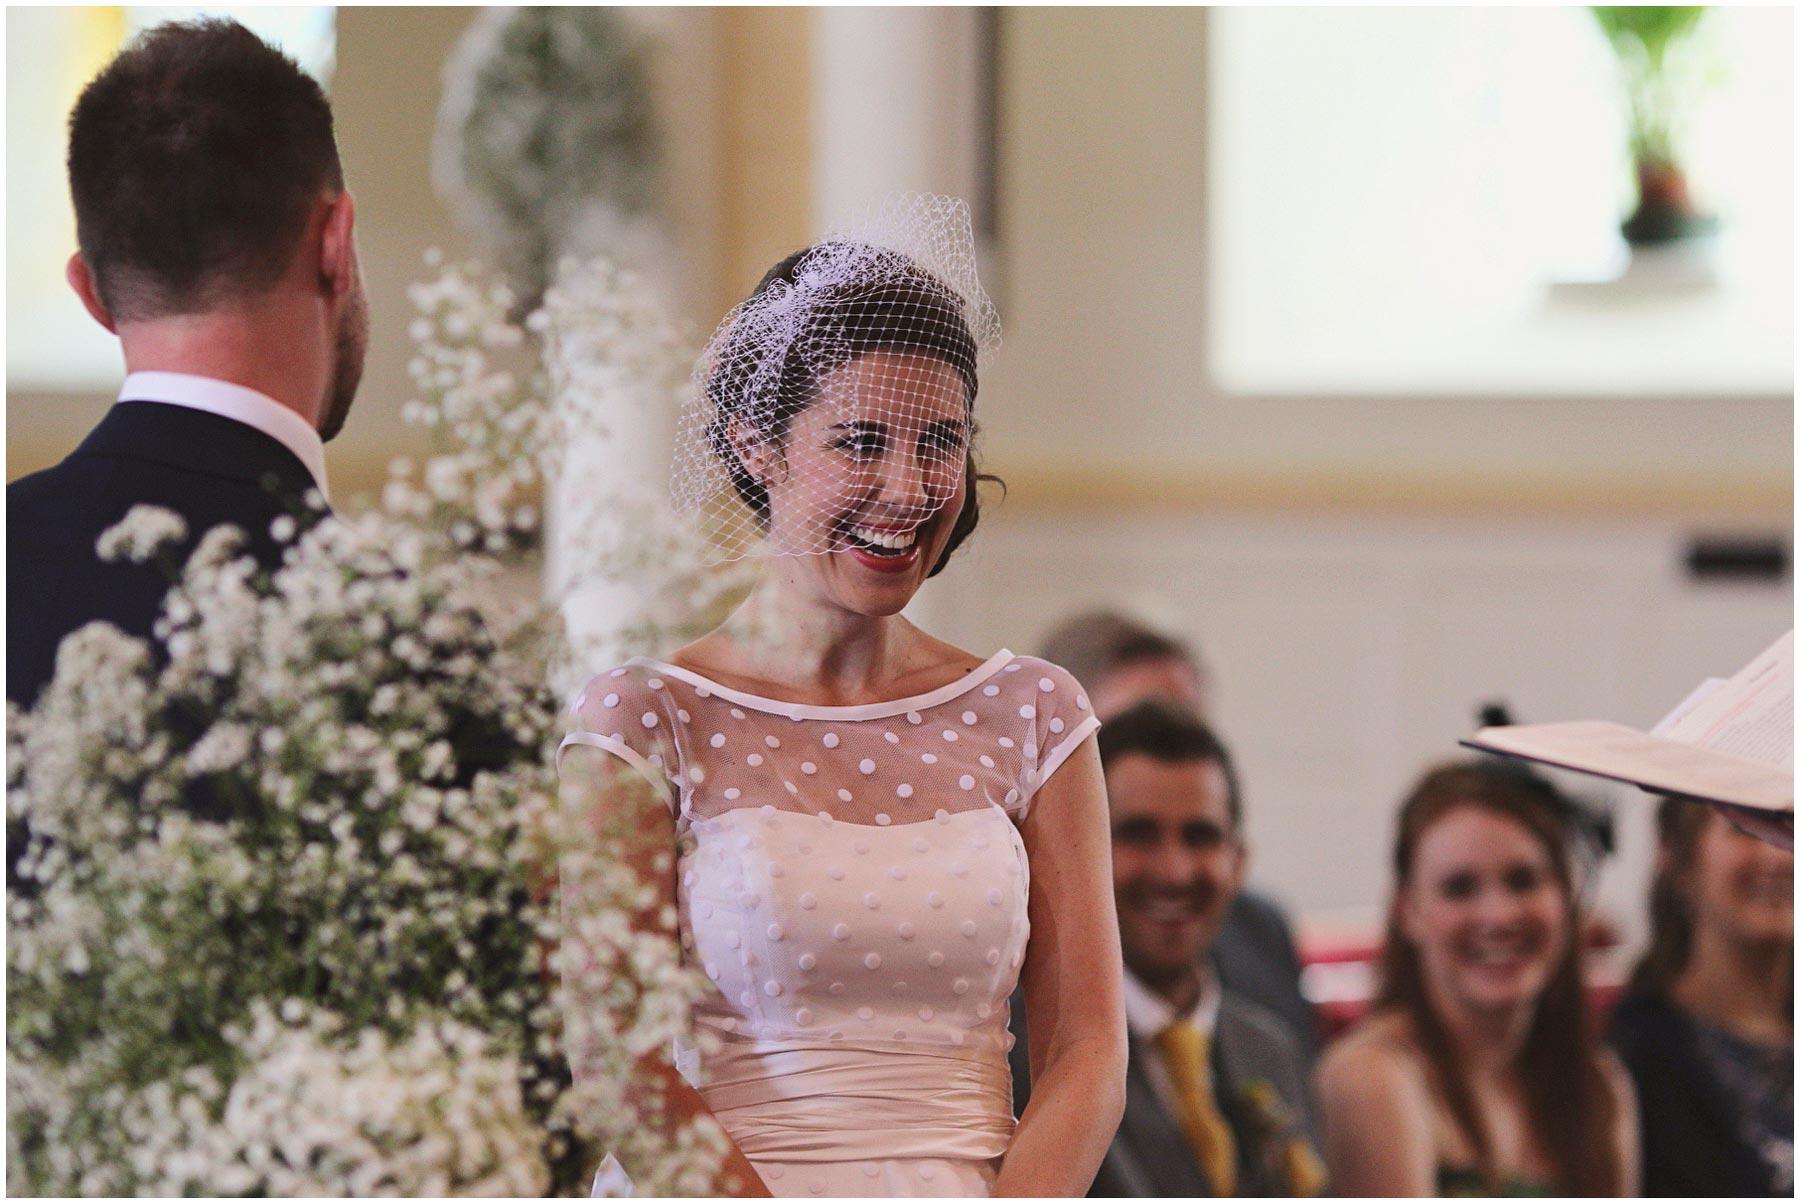 the-spiced-pear-wedding-photographer_0038